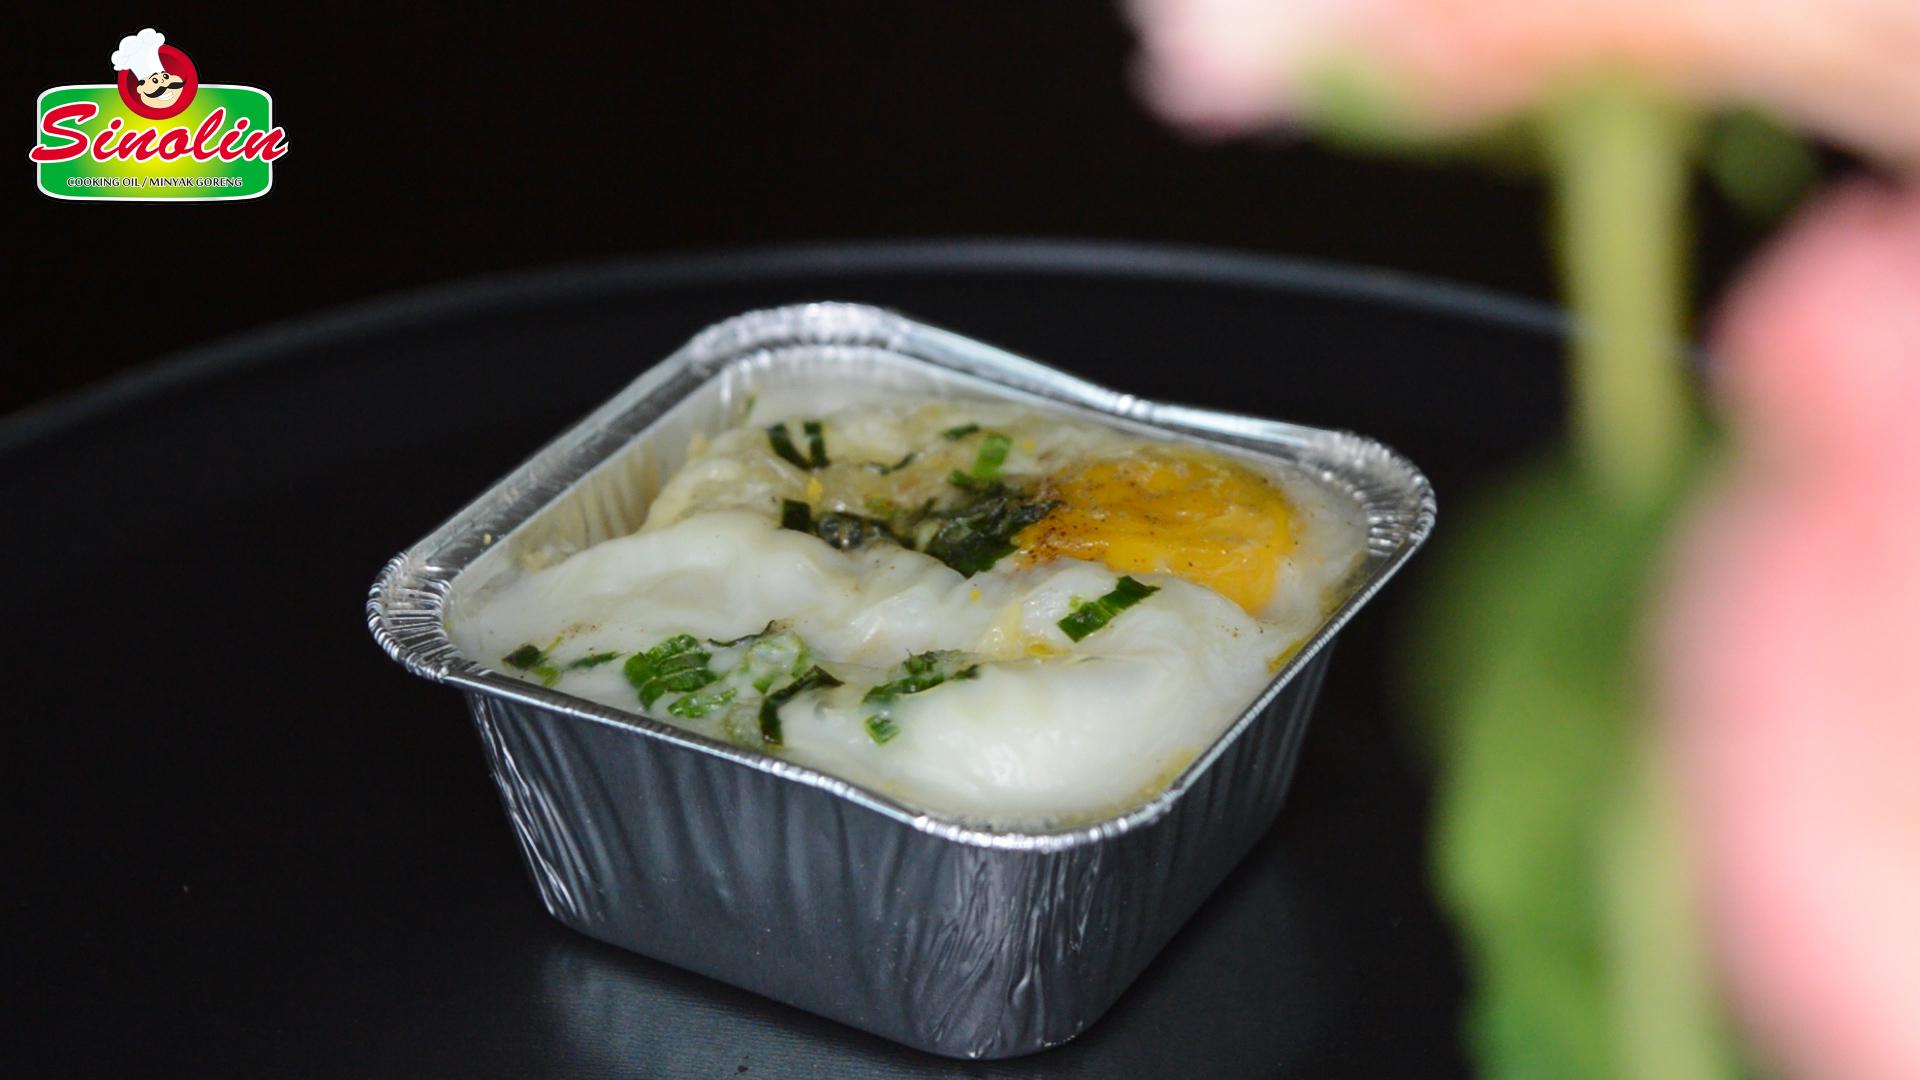 Roti Telur oleh Dapur Sinolin